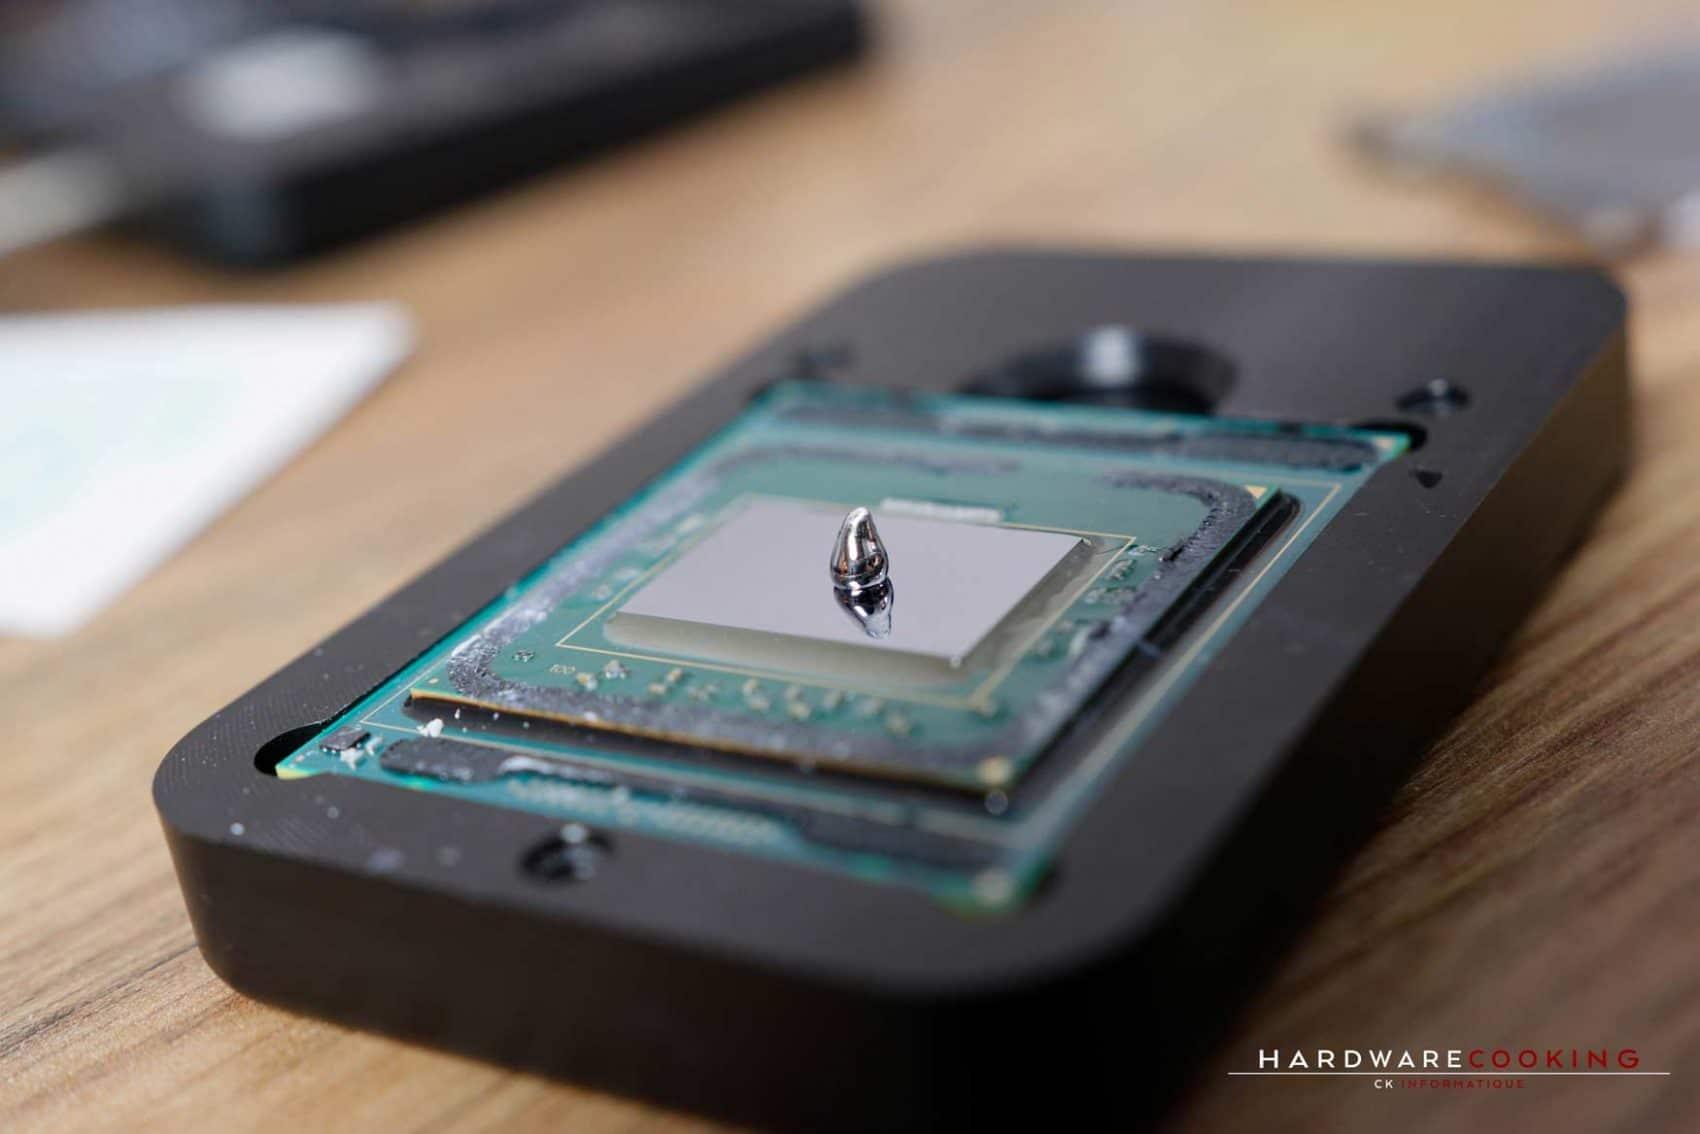 Test Rockit 99 délid CPU SkylakeX 2066 Intel Core i7-7800X avec IHS cuivre